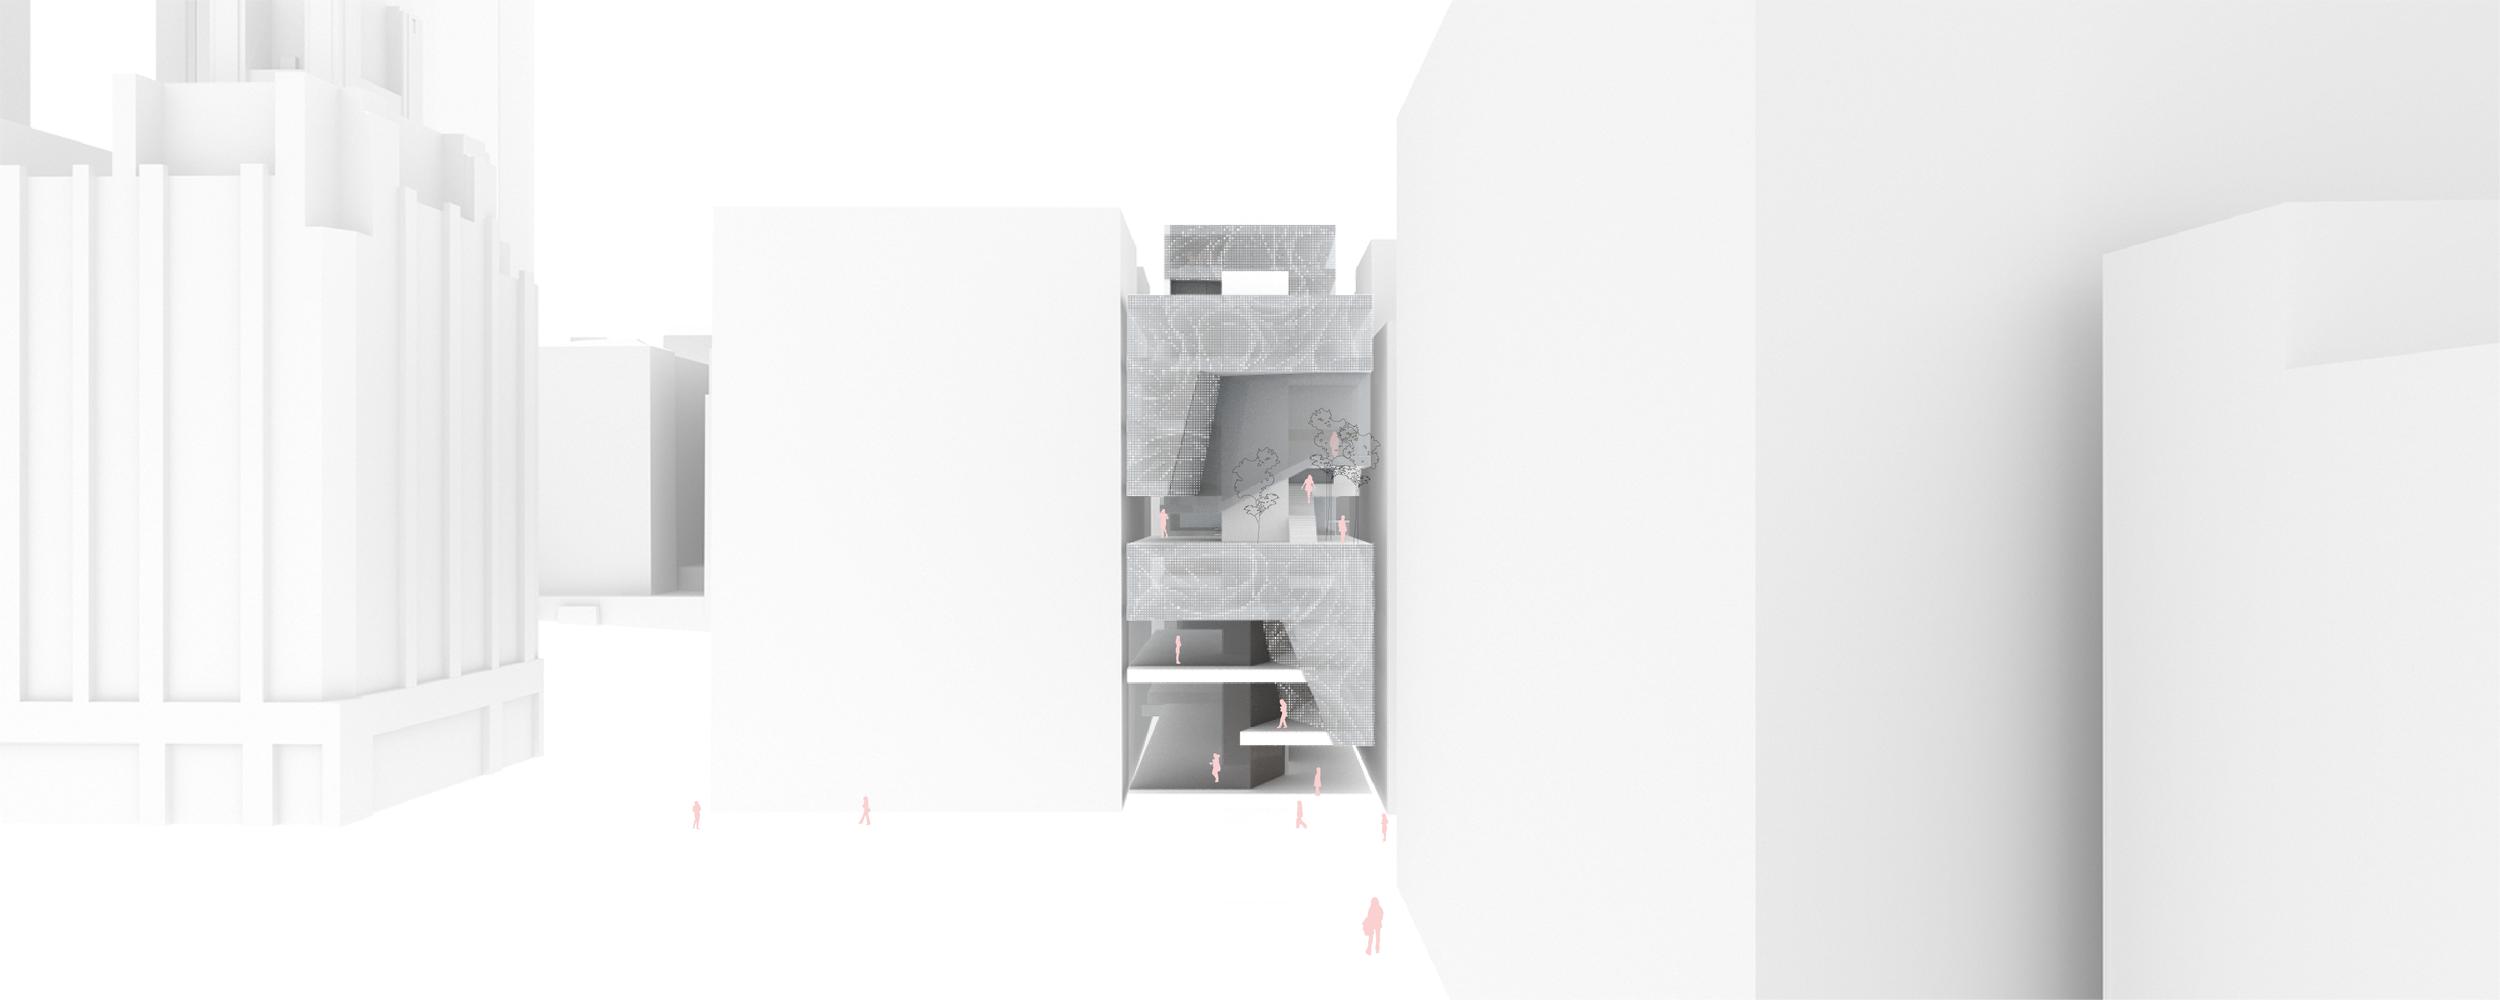 ELEVATION-01.png